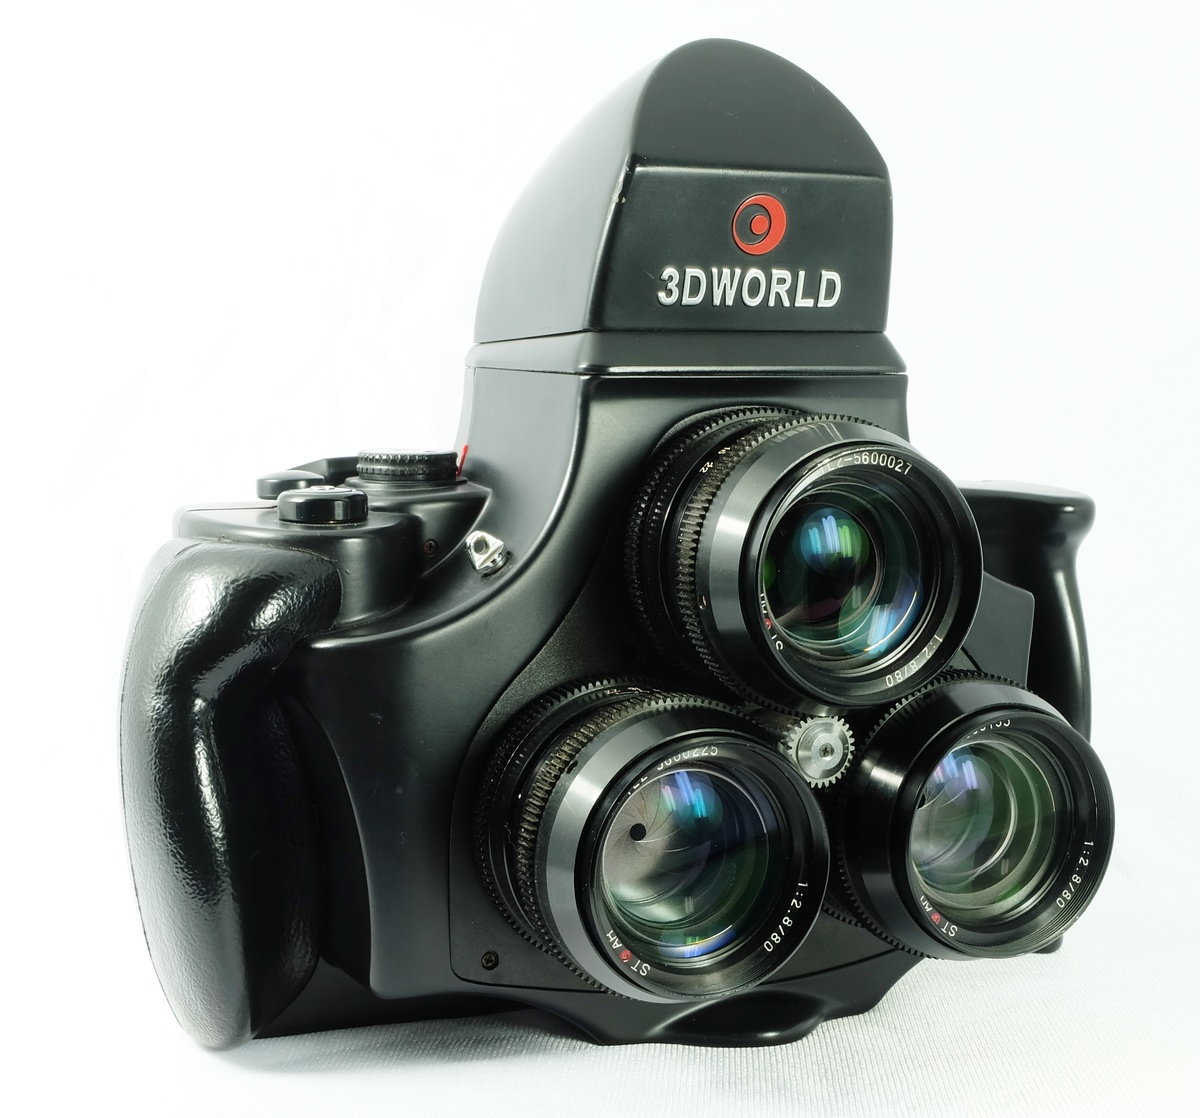 3D World Medium Format Stereo Camera Model TL120-1